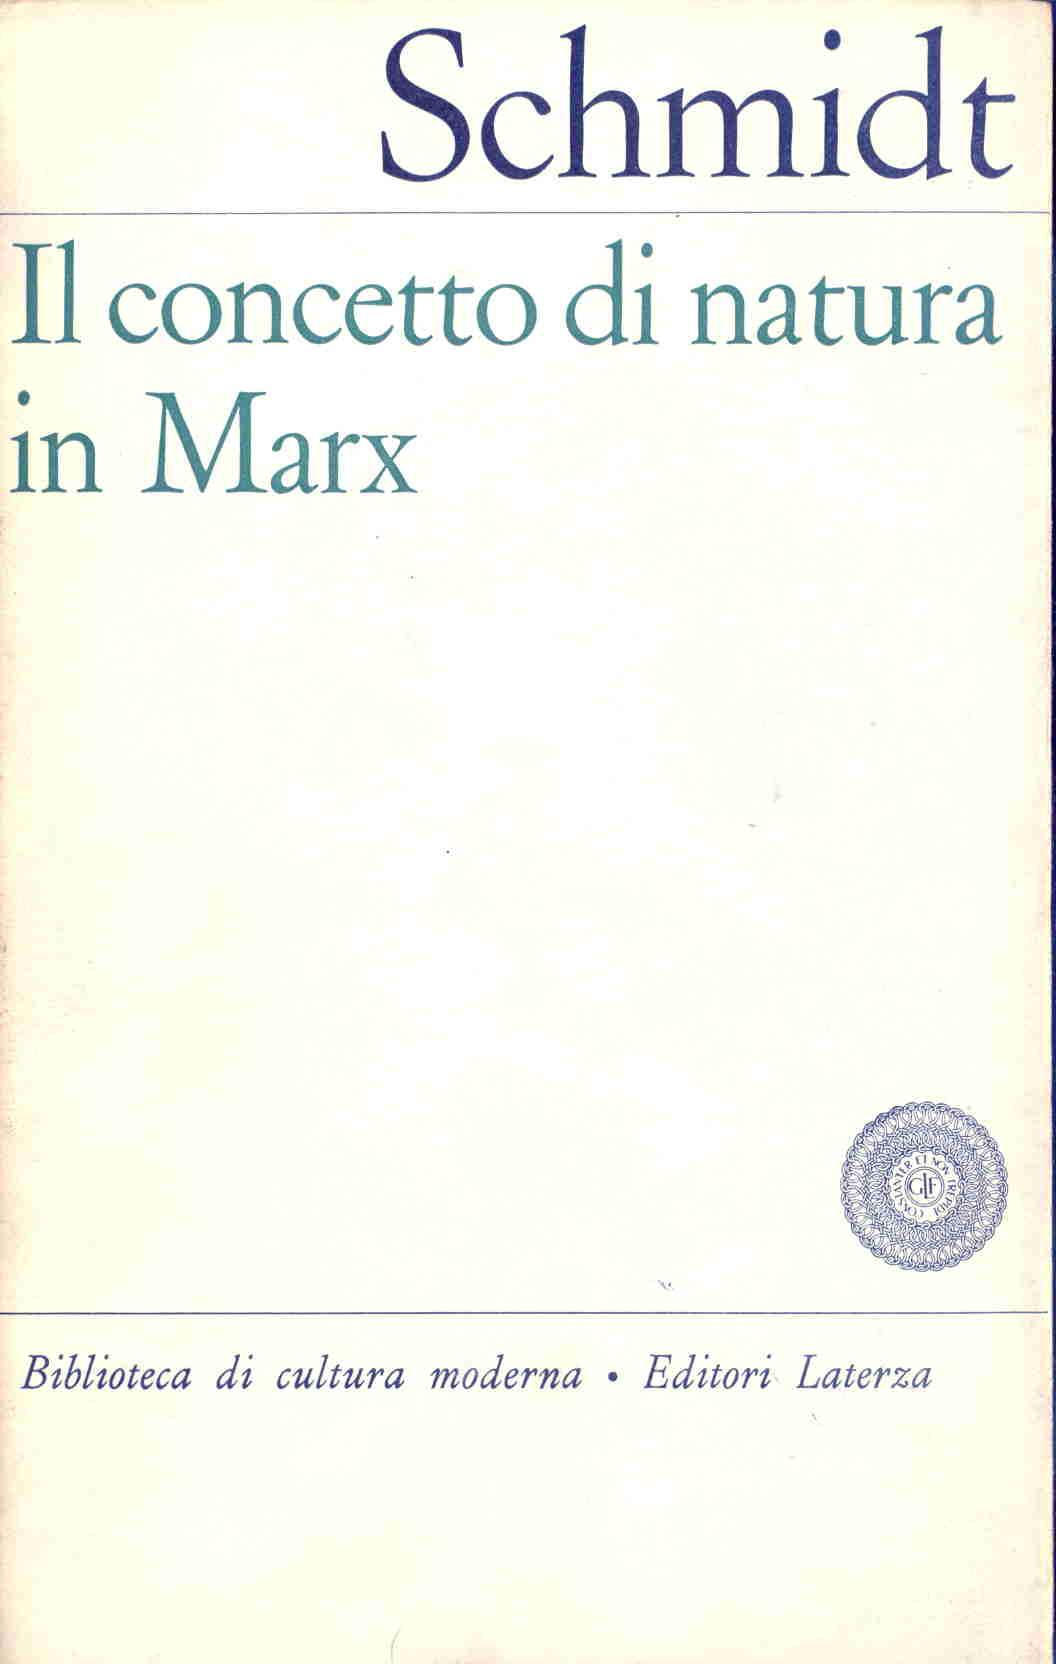 Il concetto di natura in Marx